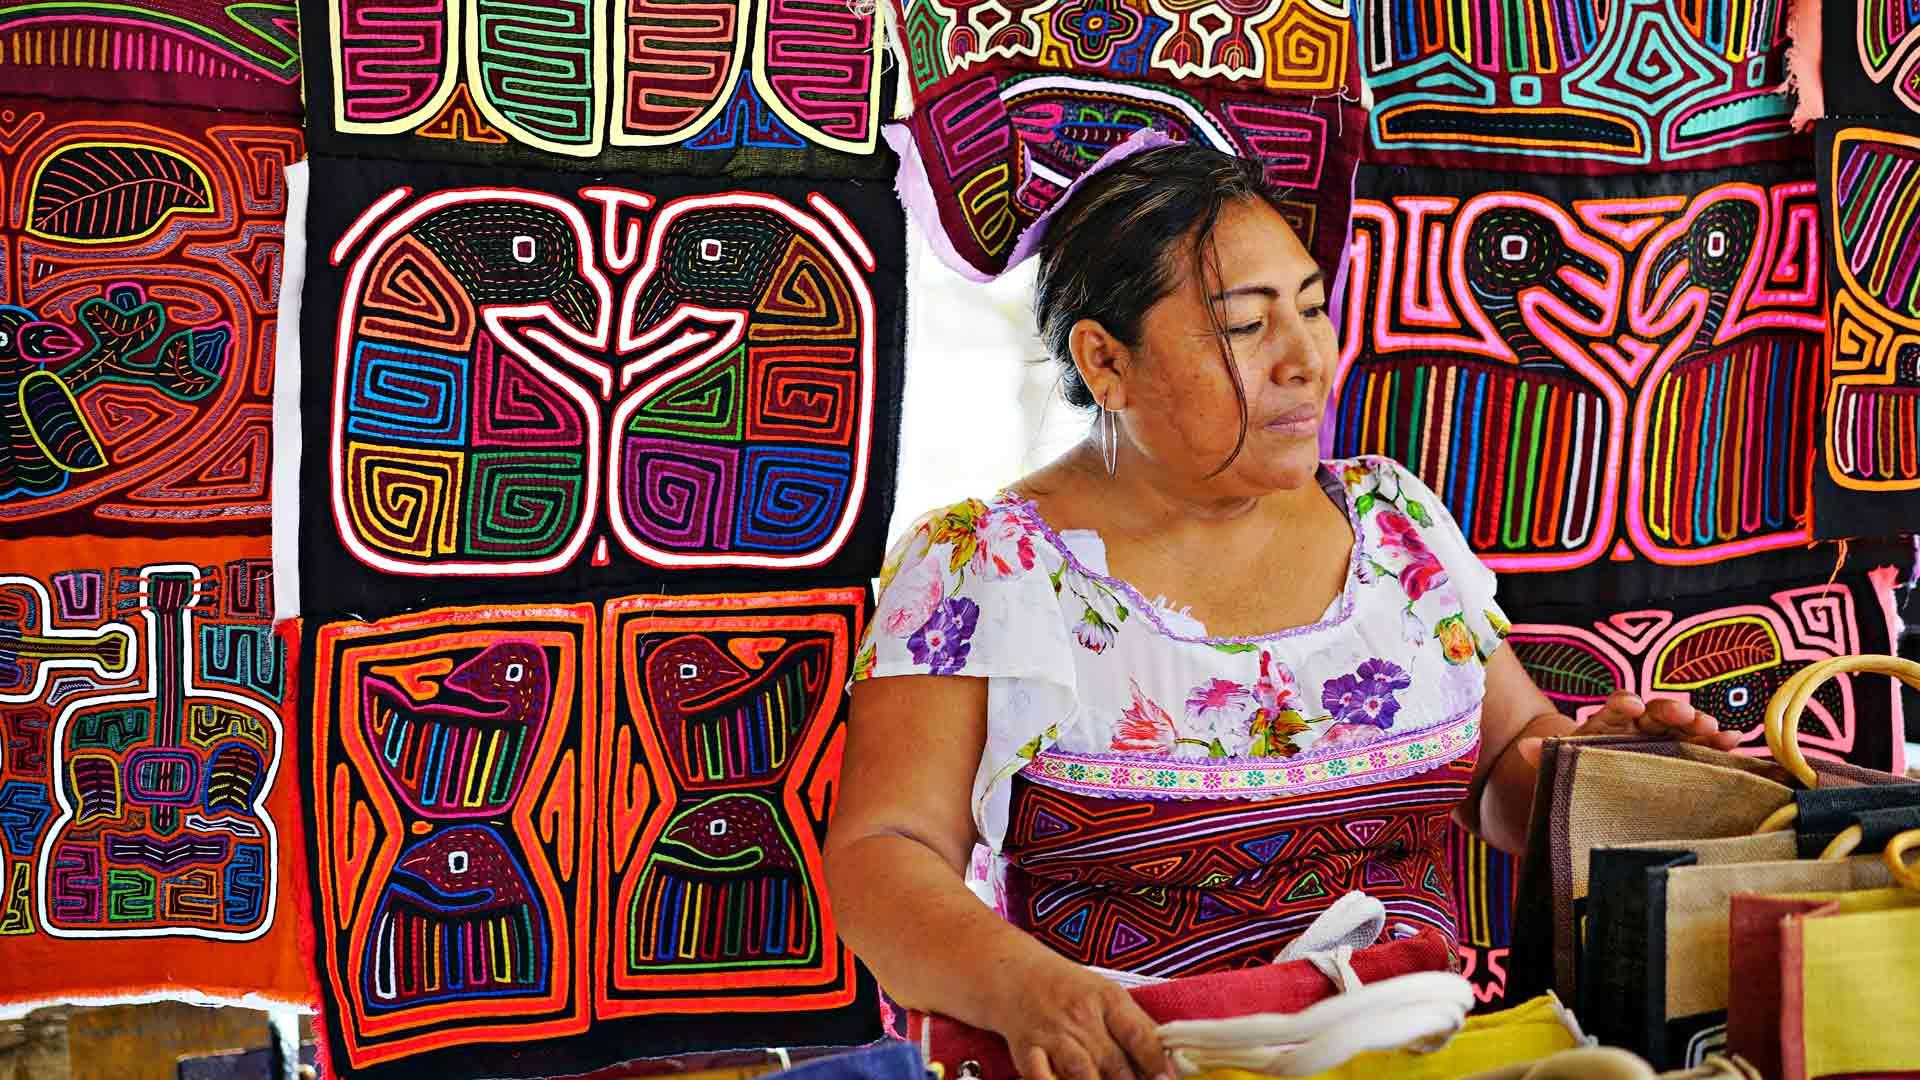 Kuna Yala -alkuperäisheimoon kuuluva nainen matkamuistokojussaan Casco Viejon vanhassa kaupungissa.